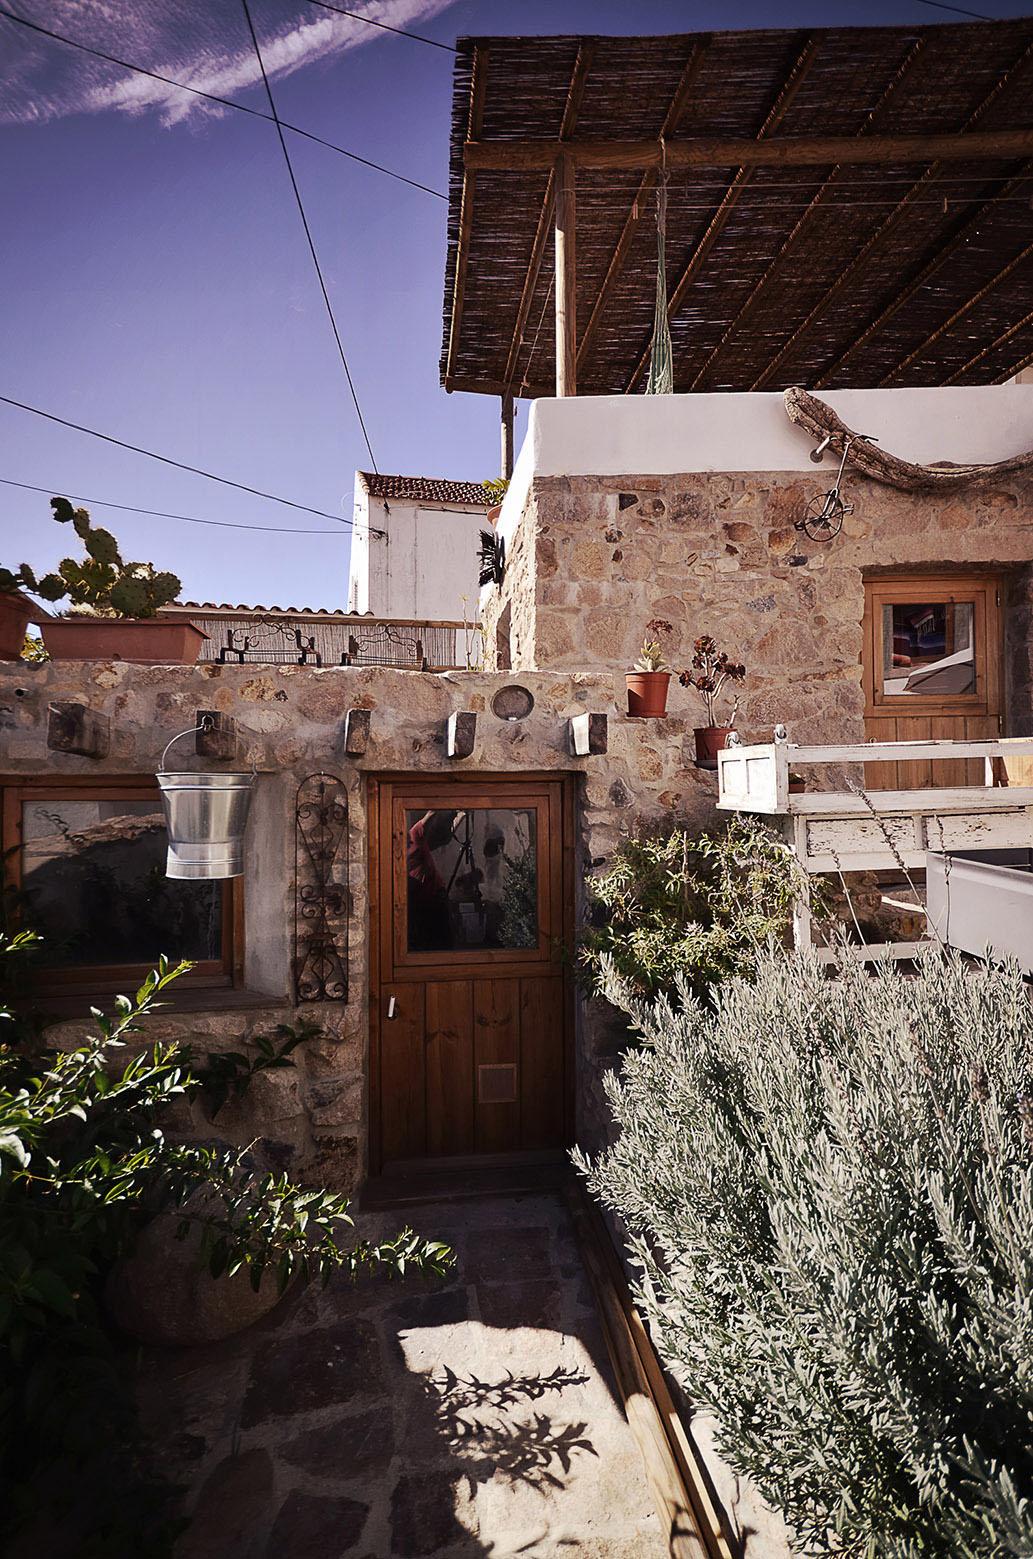 R novation d 39 une vieille ruine en pierre en une maison romantique - Renovation vieille maison pierre ...